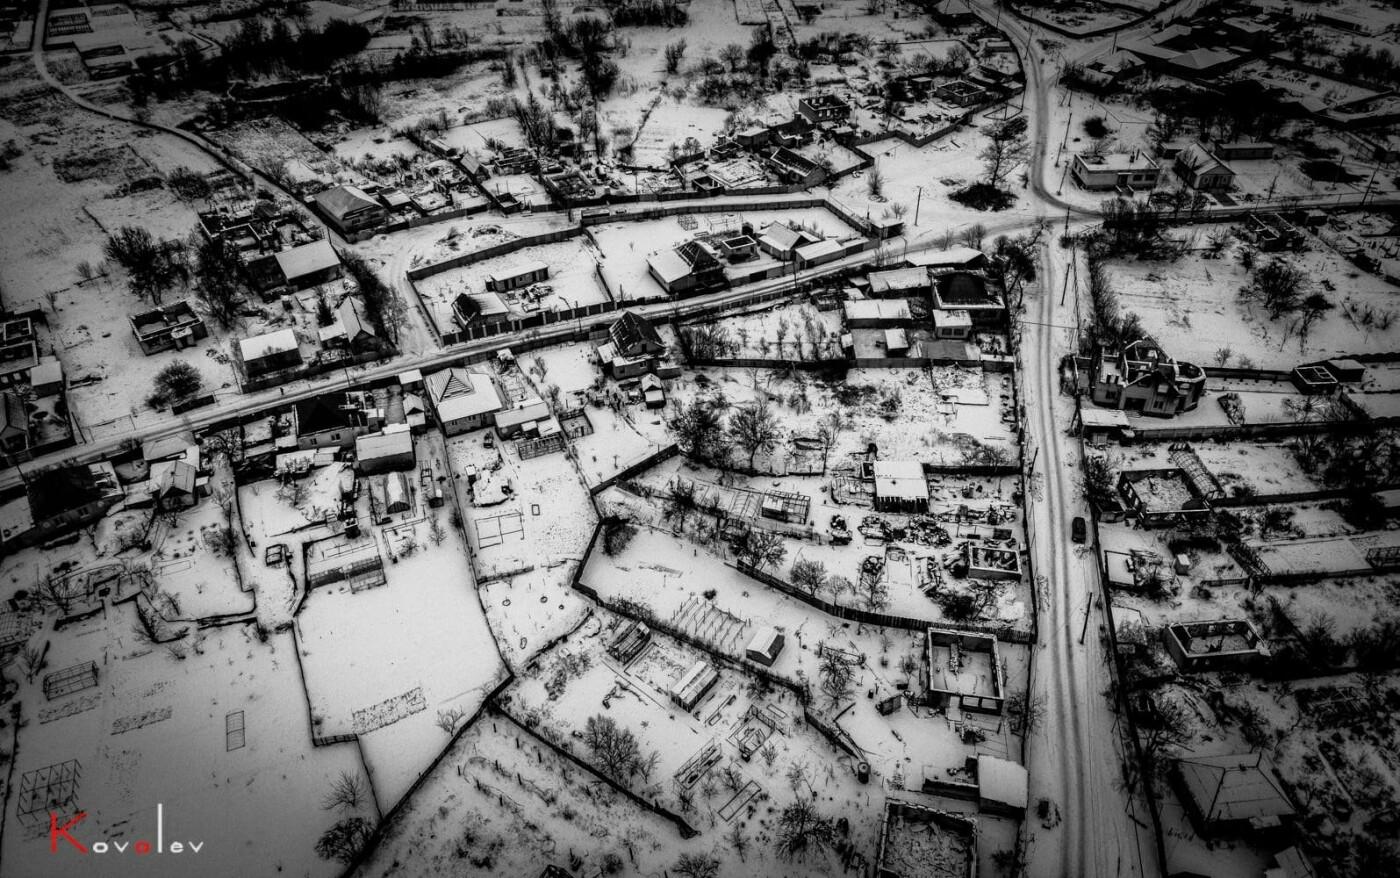 поселок Сиротино. Фото: Алексей Ковалев